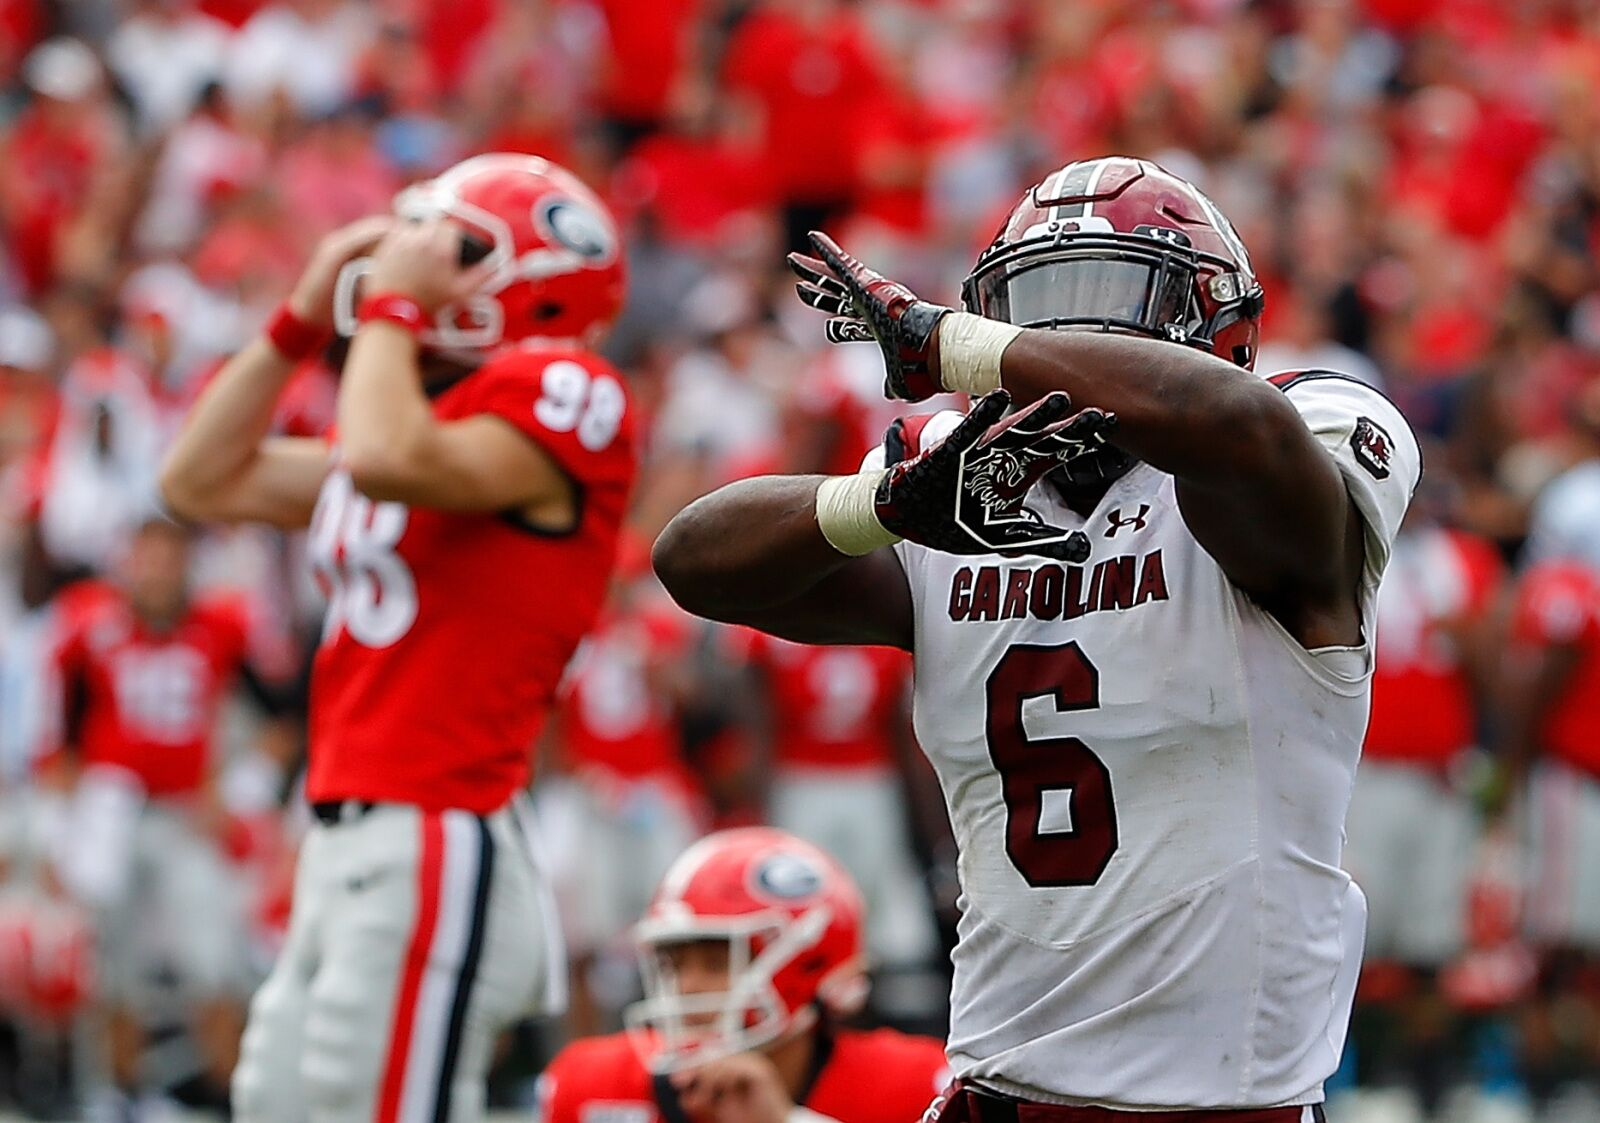 College Football Rankings: Projected Top 25, Week 8 – Down goes Georgia